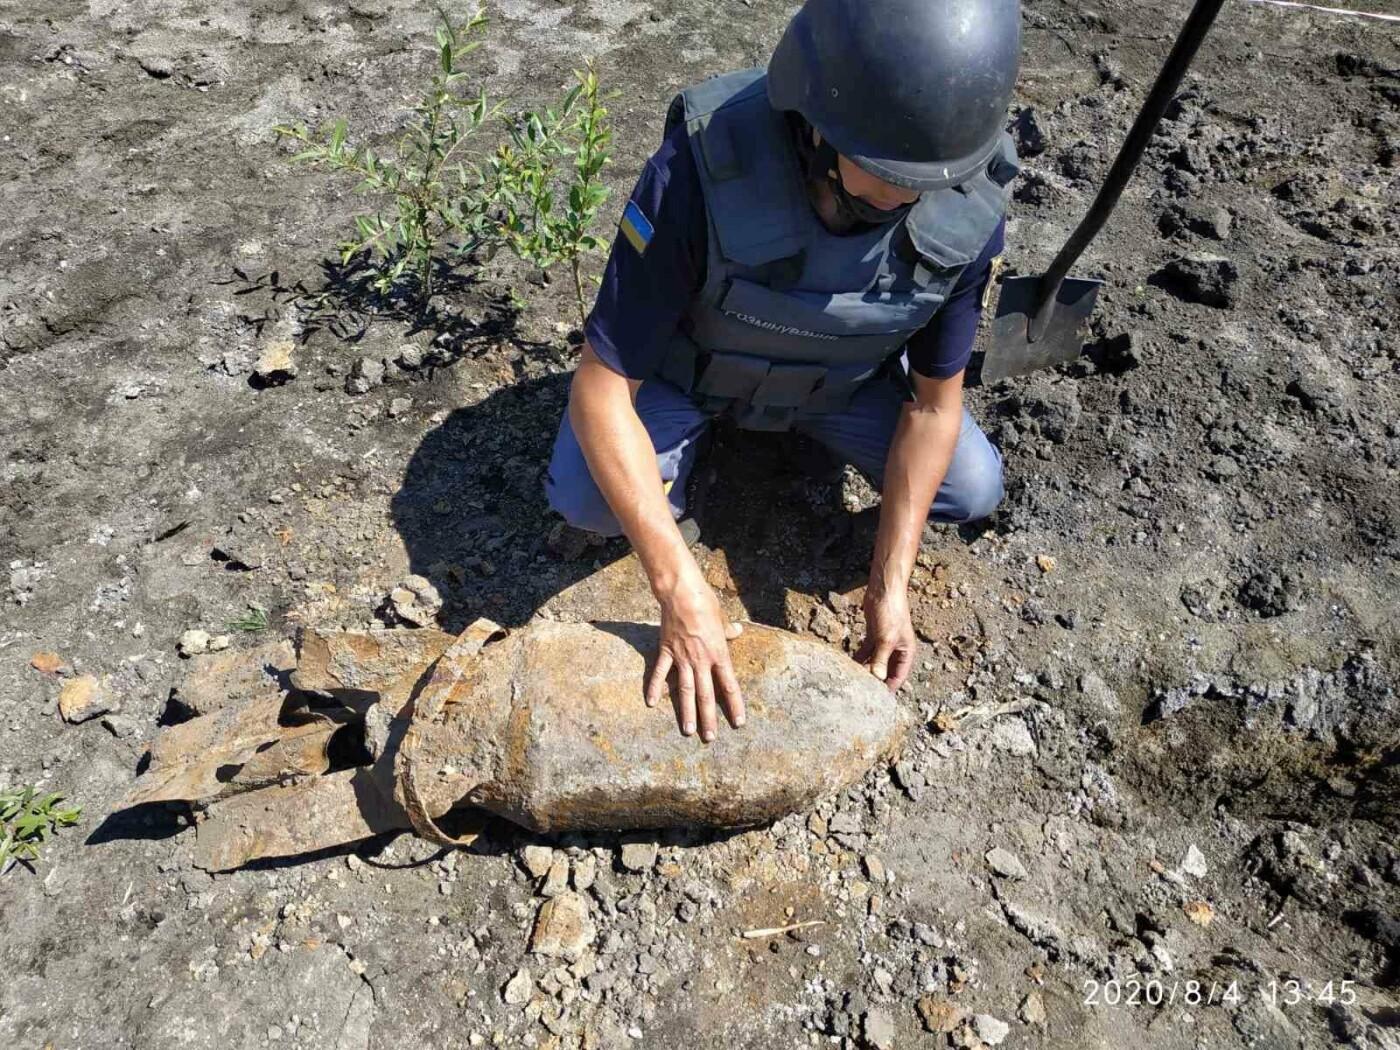 Дети нашли снаряд: на Лозовщине пиротехники  изъяли и обезвредили фугасную авиабомбу, фото-1